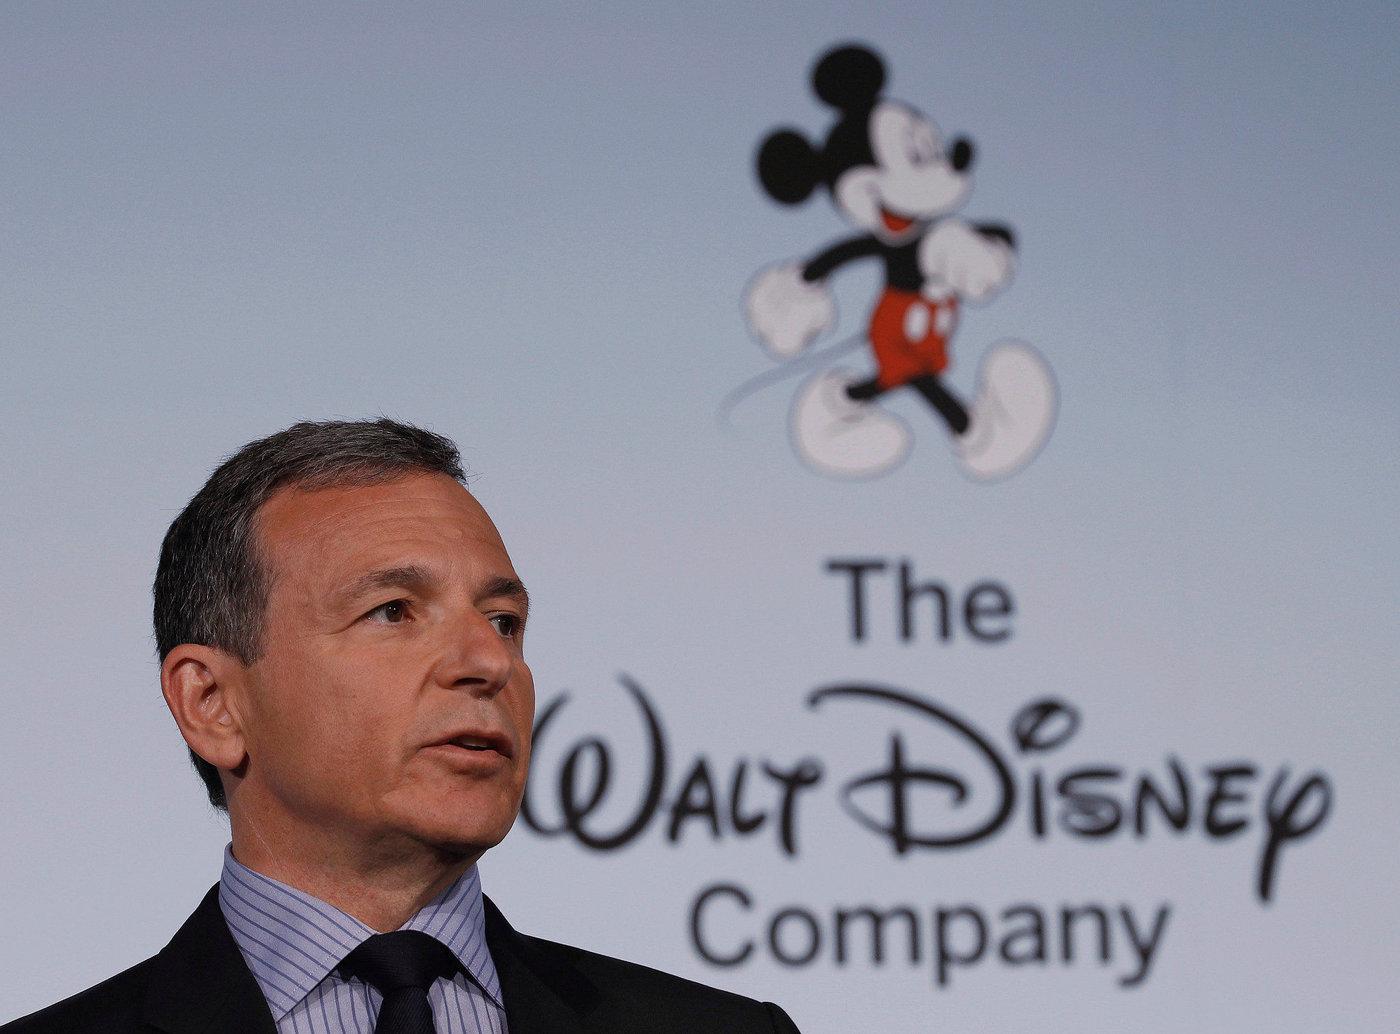 迪士尼換帥,新掌門人能否延續前任輝煌?